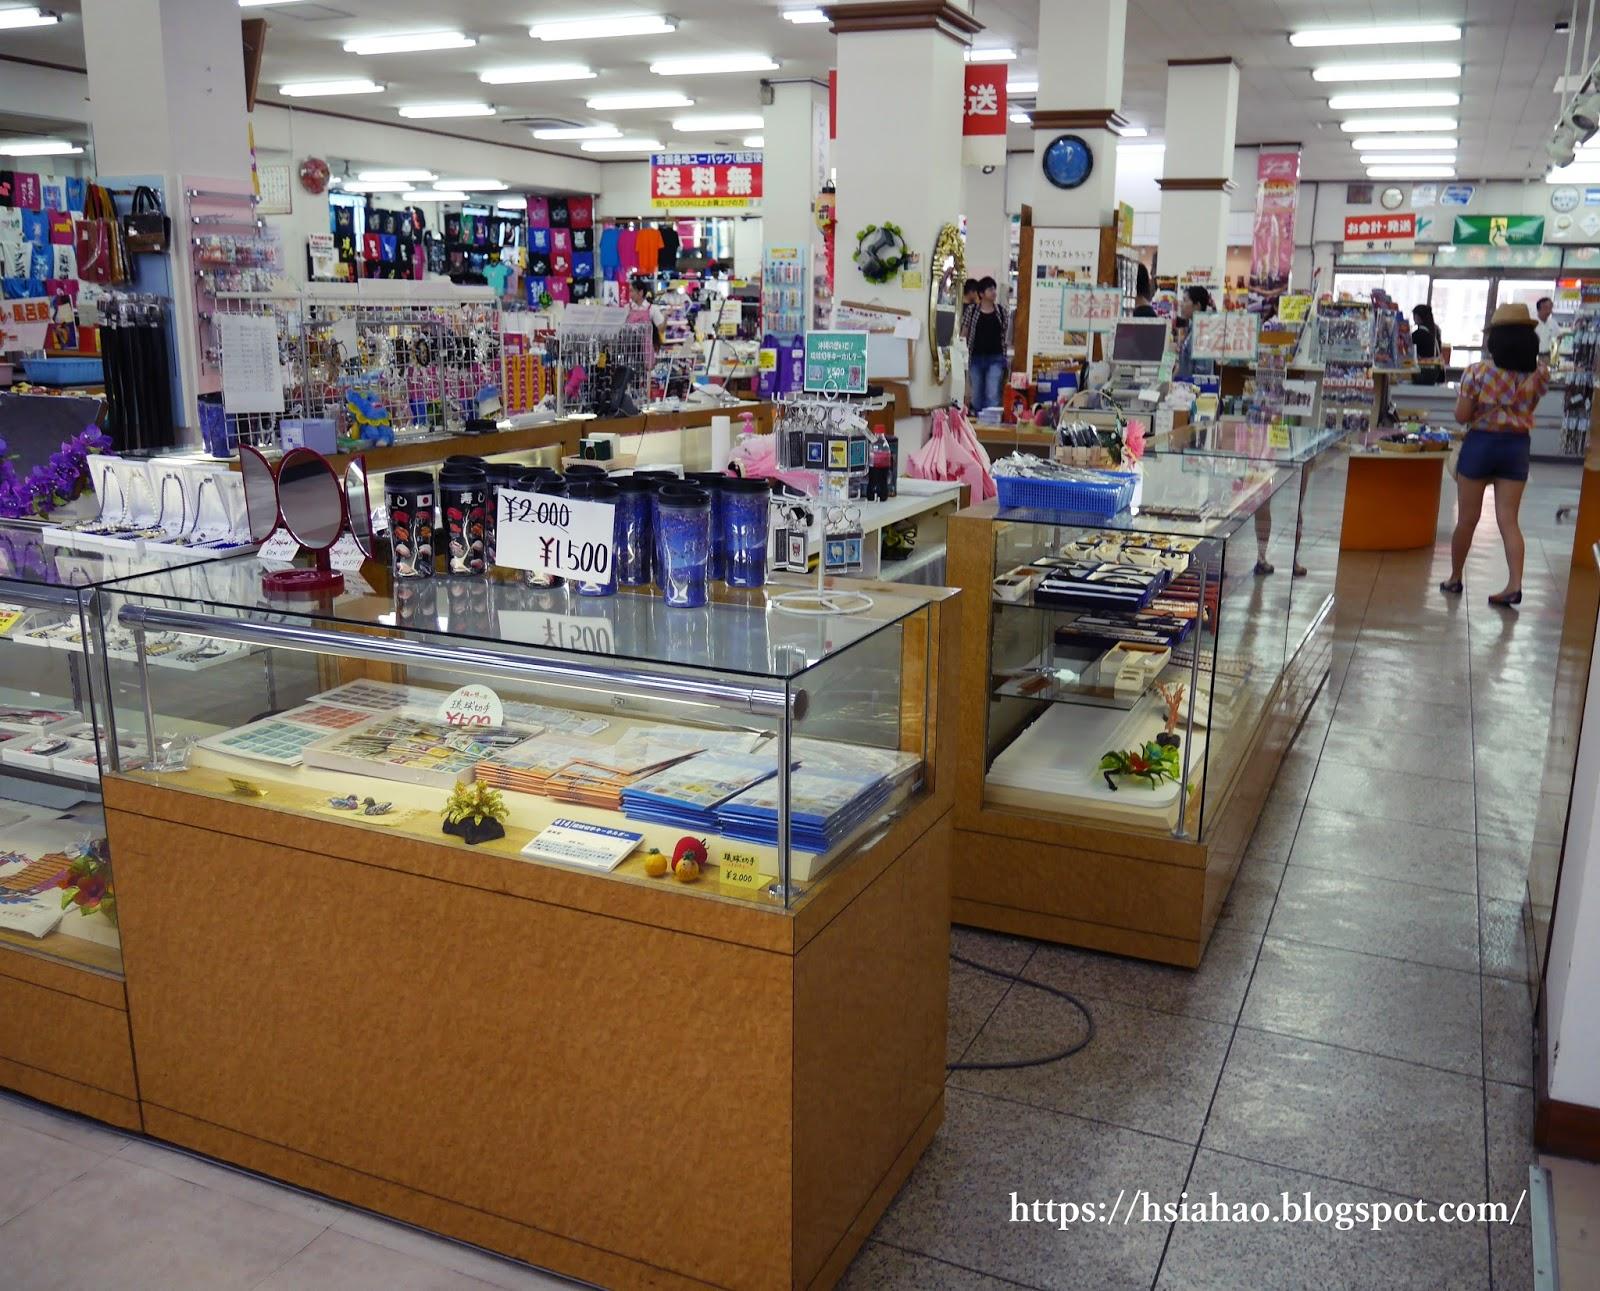 沖繩-景點-姬百合之塔-商店-購物-自由行-旅遊-Okinawa-Himeyuri-no-to